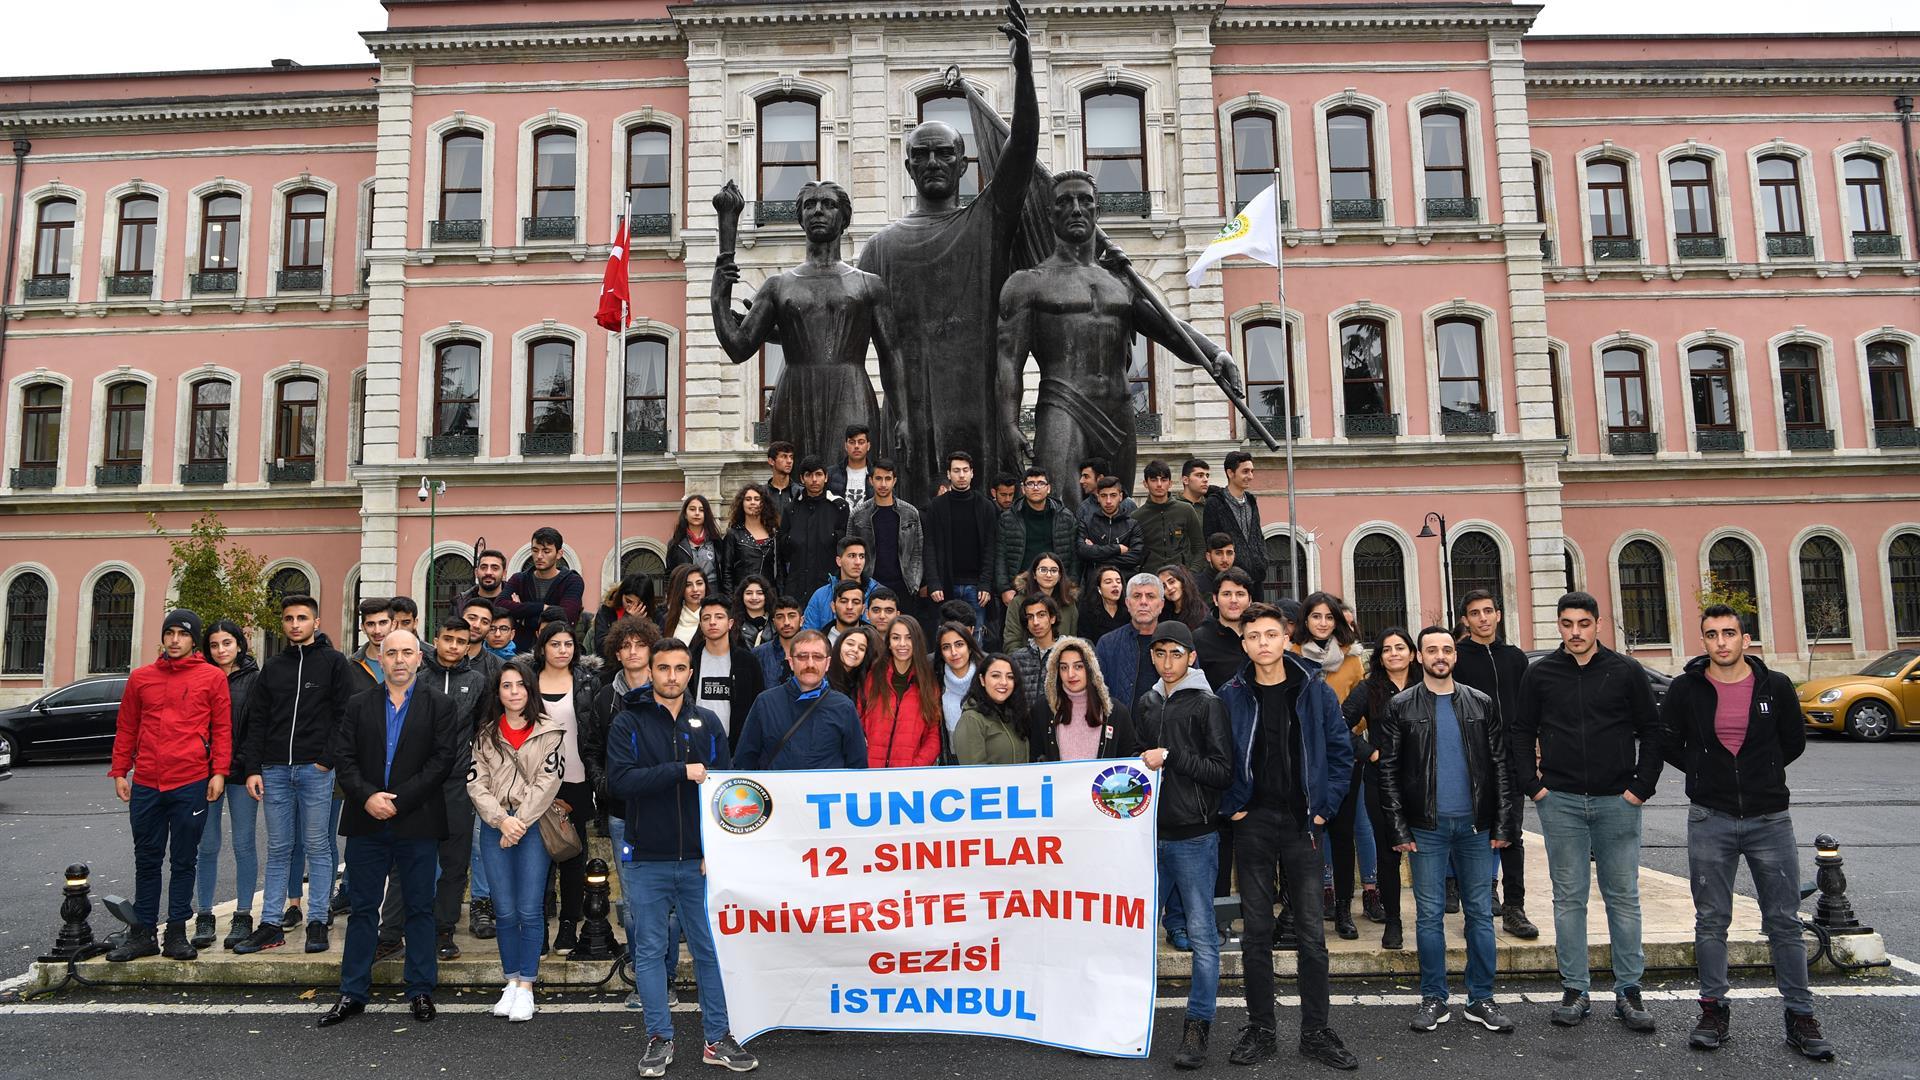 """İstanbul-Üniversitesi-""""Üniversitelerimizi-Tanıyoruz-Projesi""""-Kapsamında-Tunceli'den-Gelen-Öğrencileri-Ağırlamaya-Devam-Ediyor"""